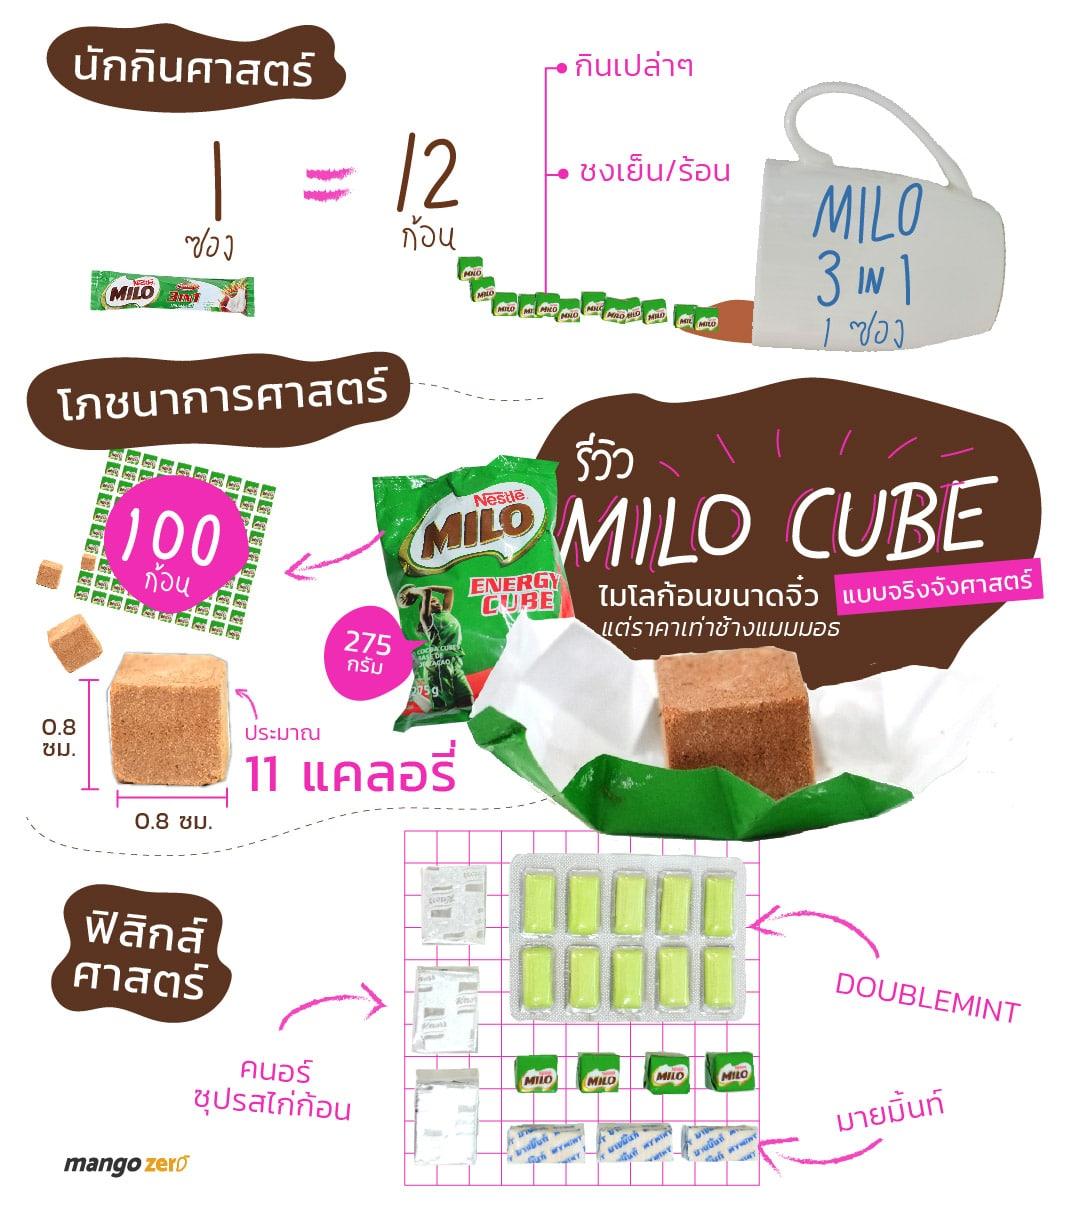 milo-energy-cube-3